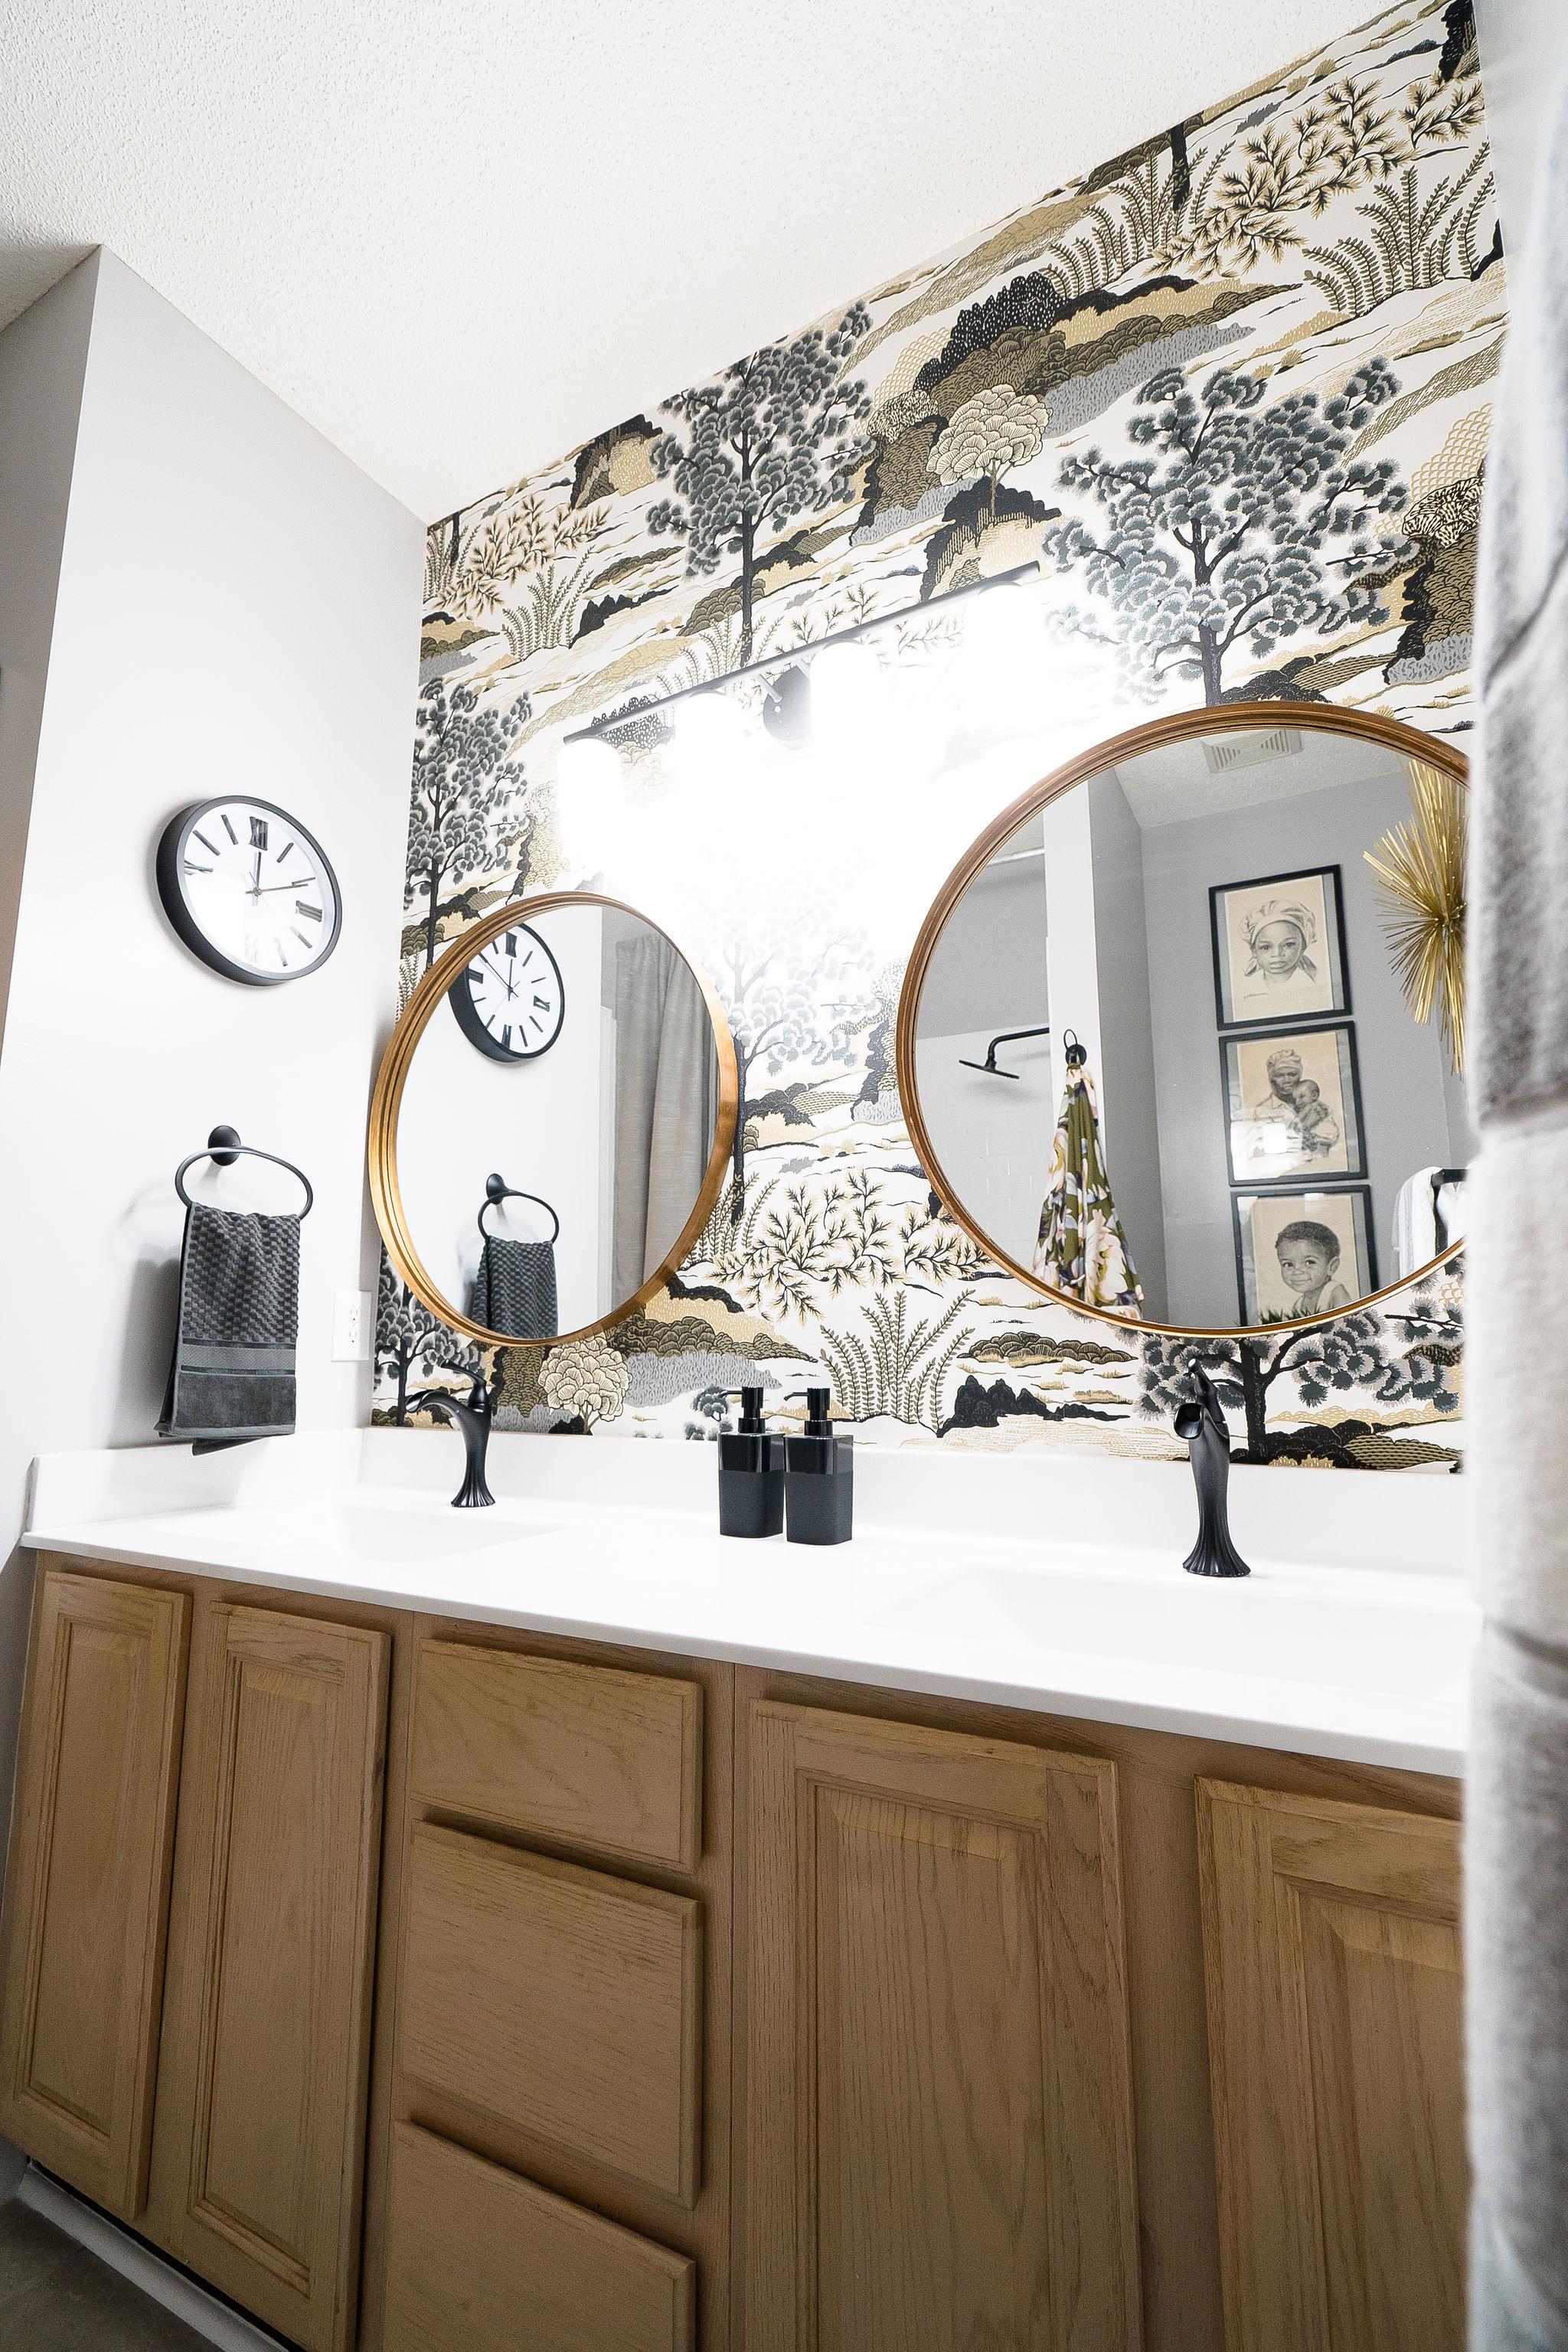 Niki McNeill Raleigh NC Interior Designer SingleBubblePop Design Studio Bathroom Renovation Remodel Refresh Pfister faucets3.jpg